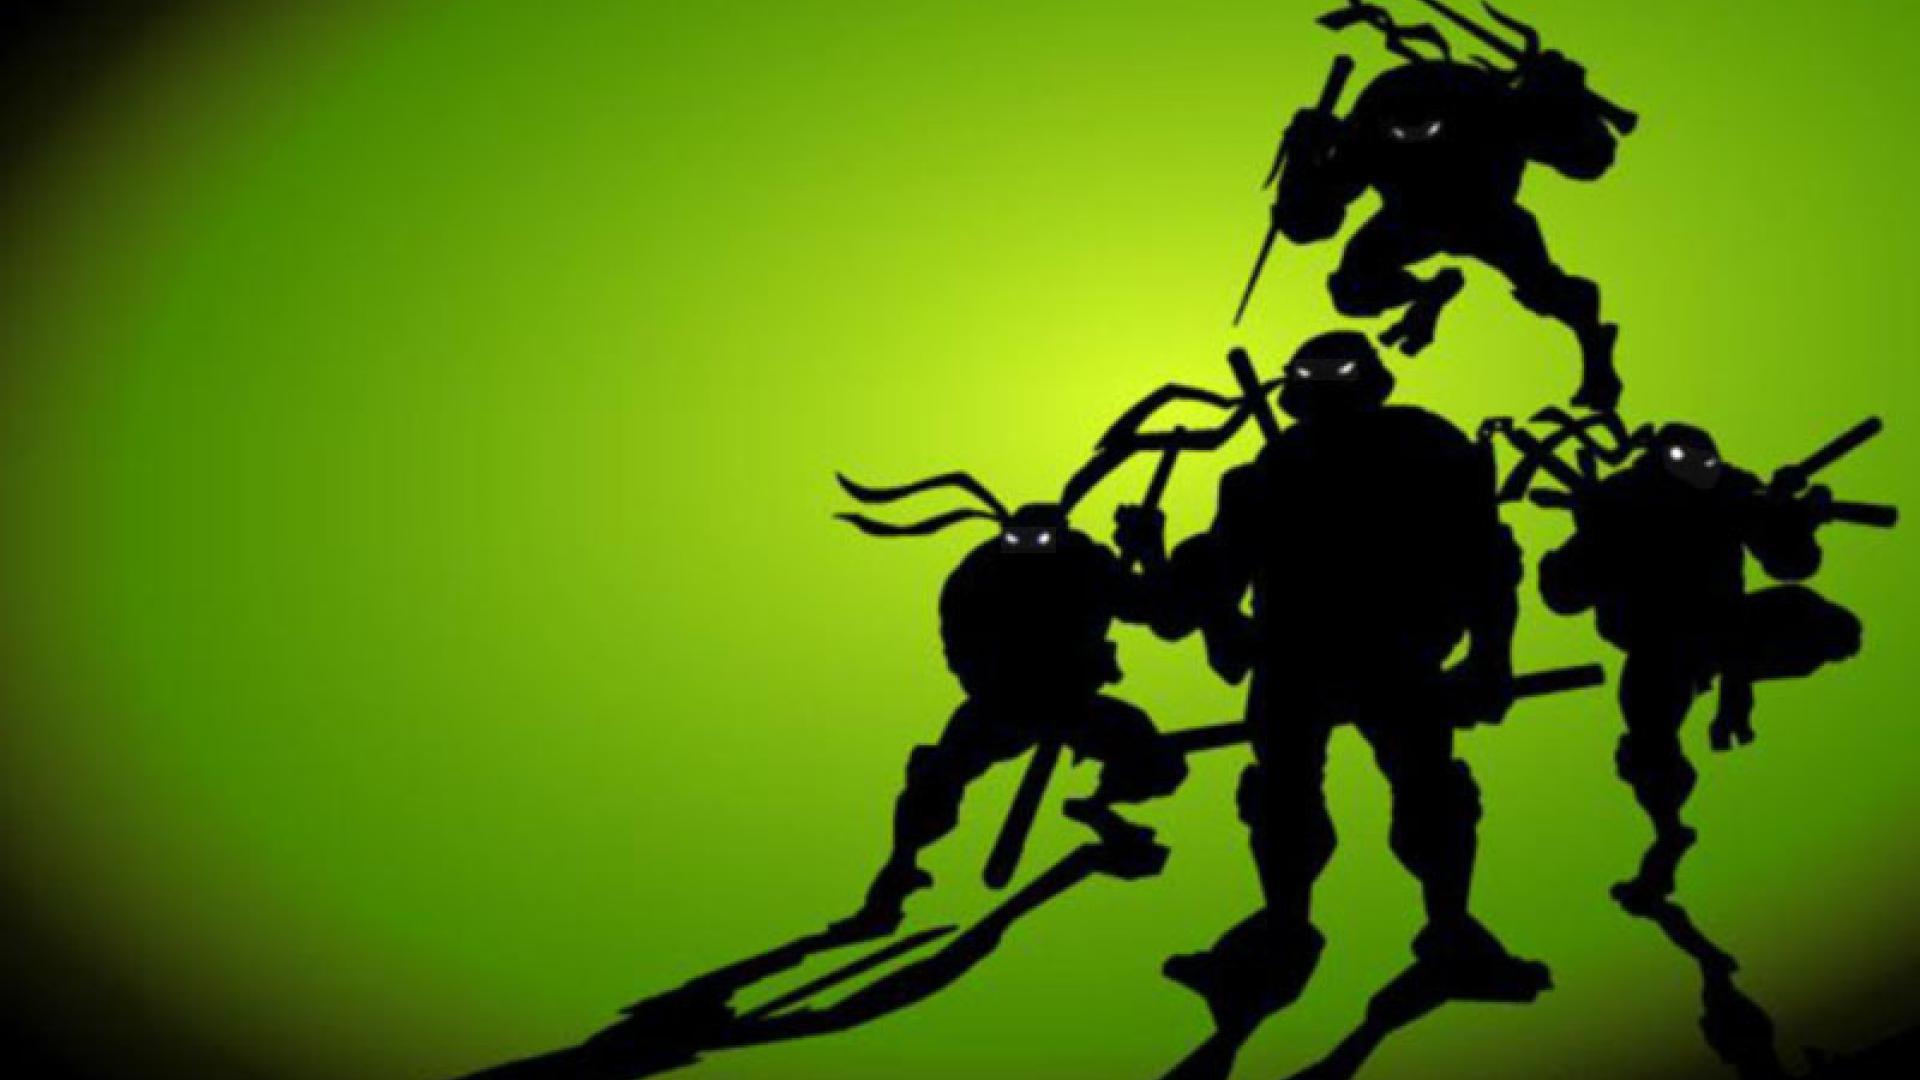 ... teenage-mutant-ninja-turtles-wallpapers ...